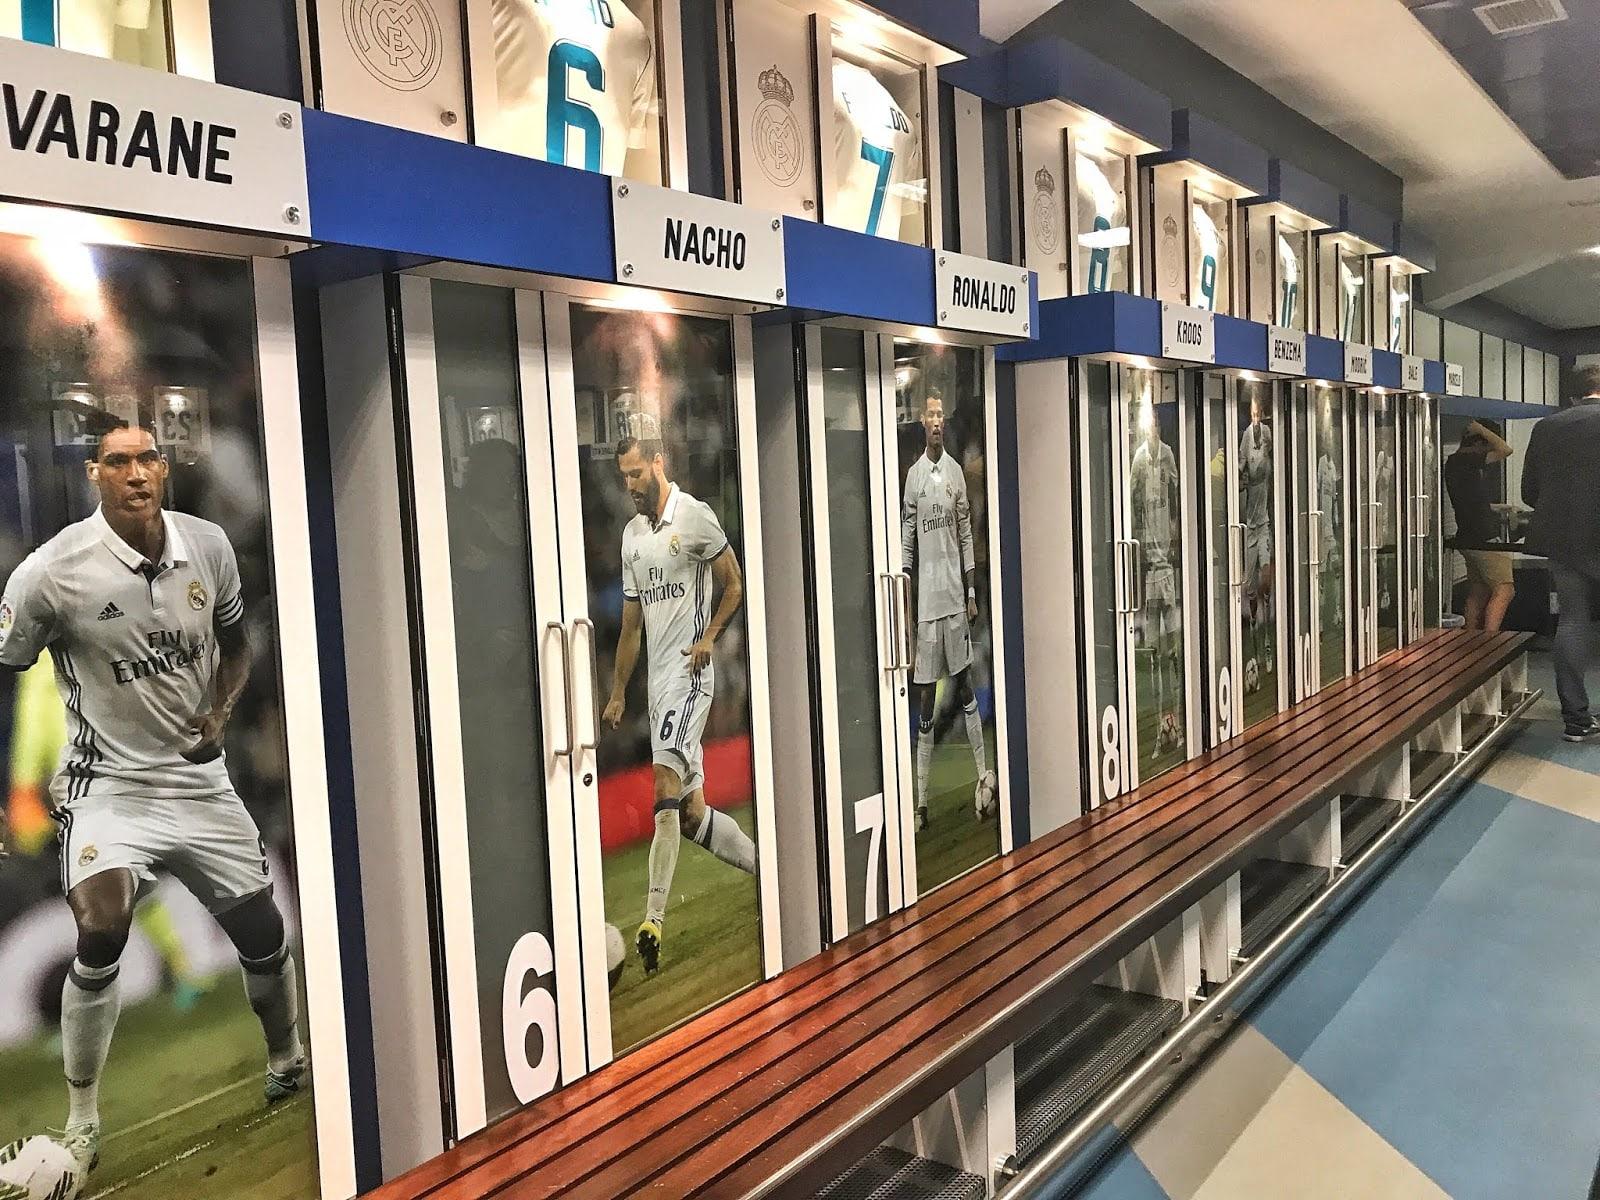 Santiago Bernabéu Locker Room